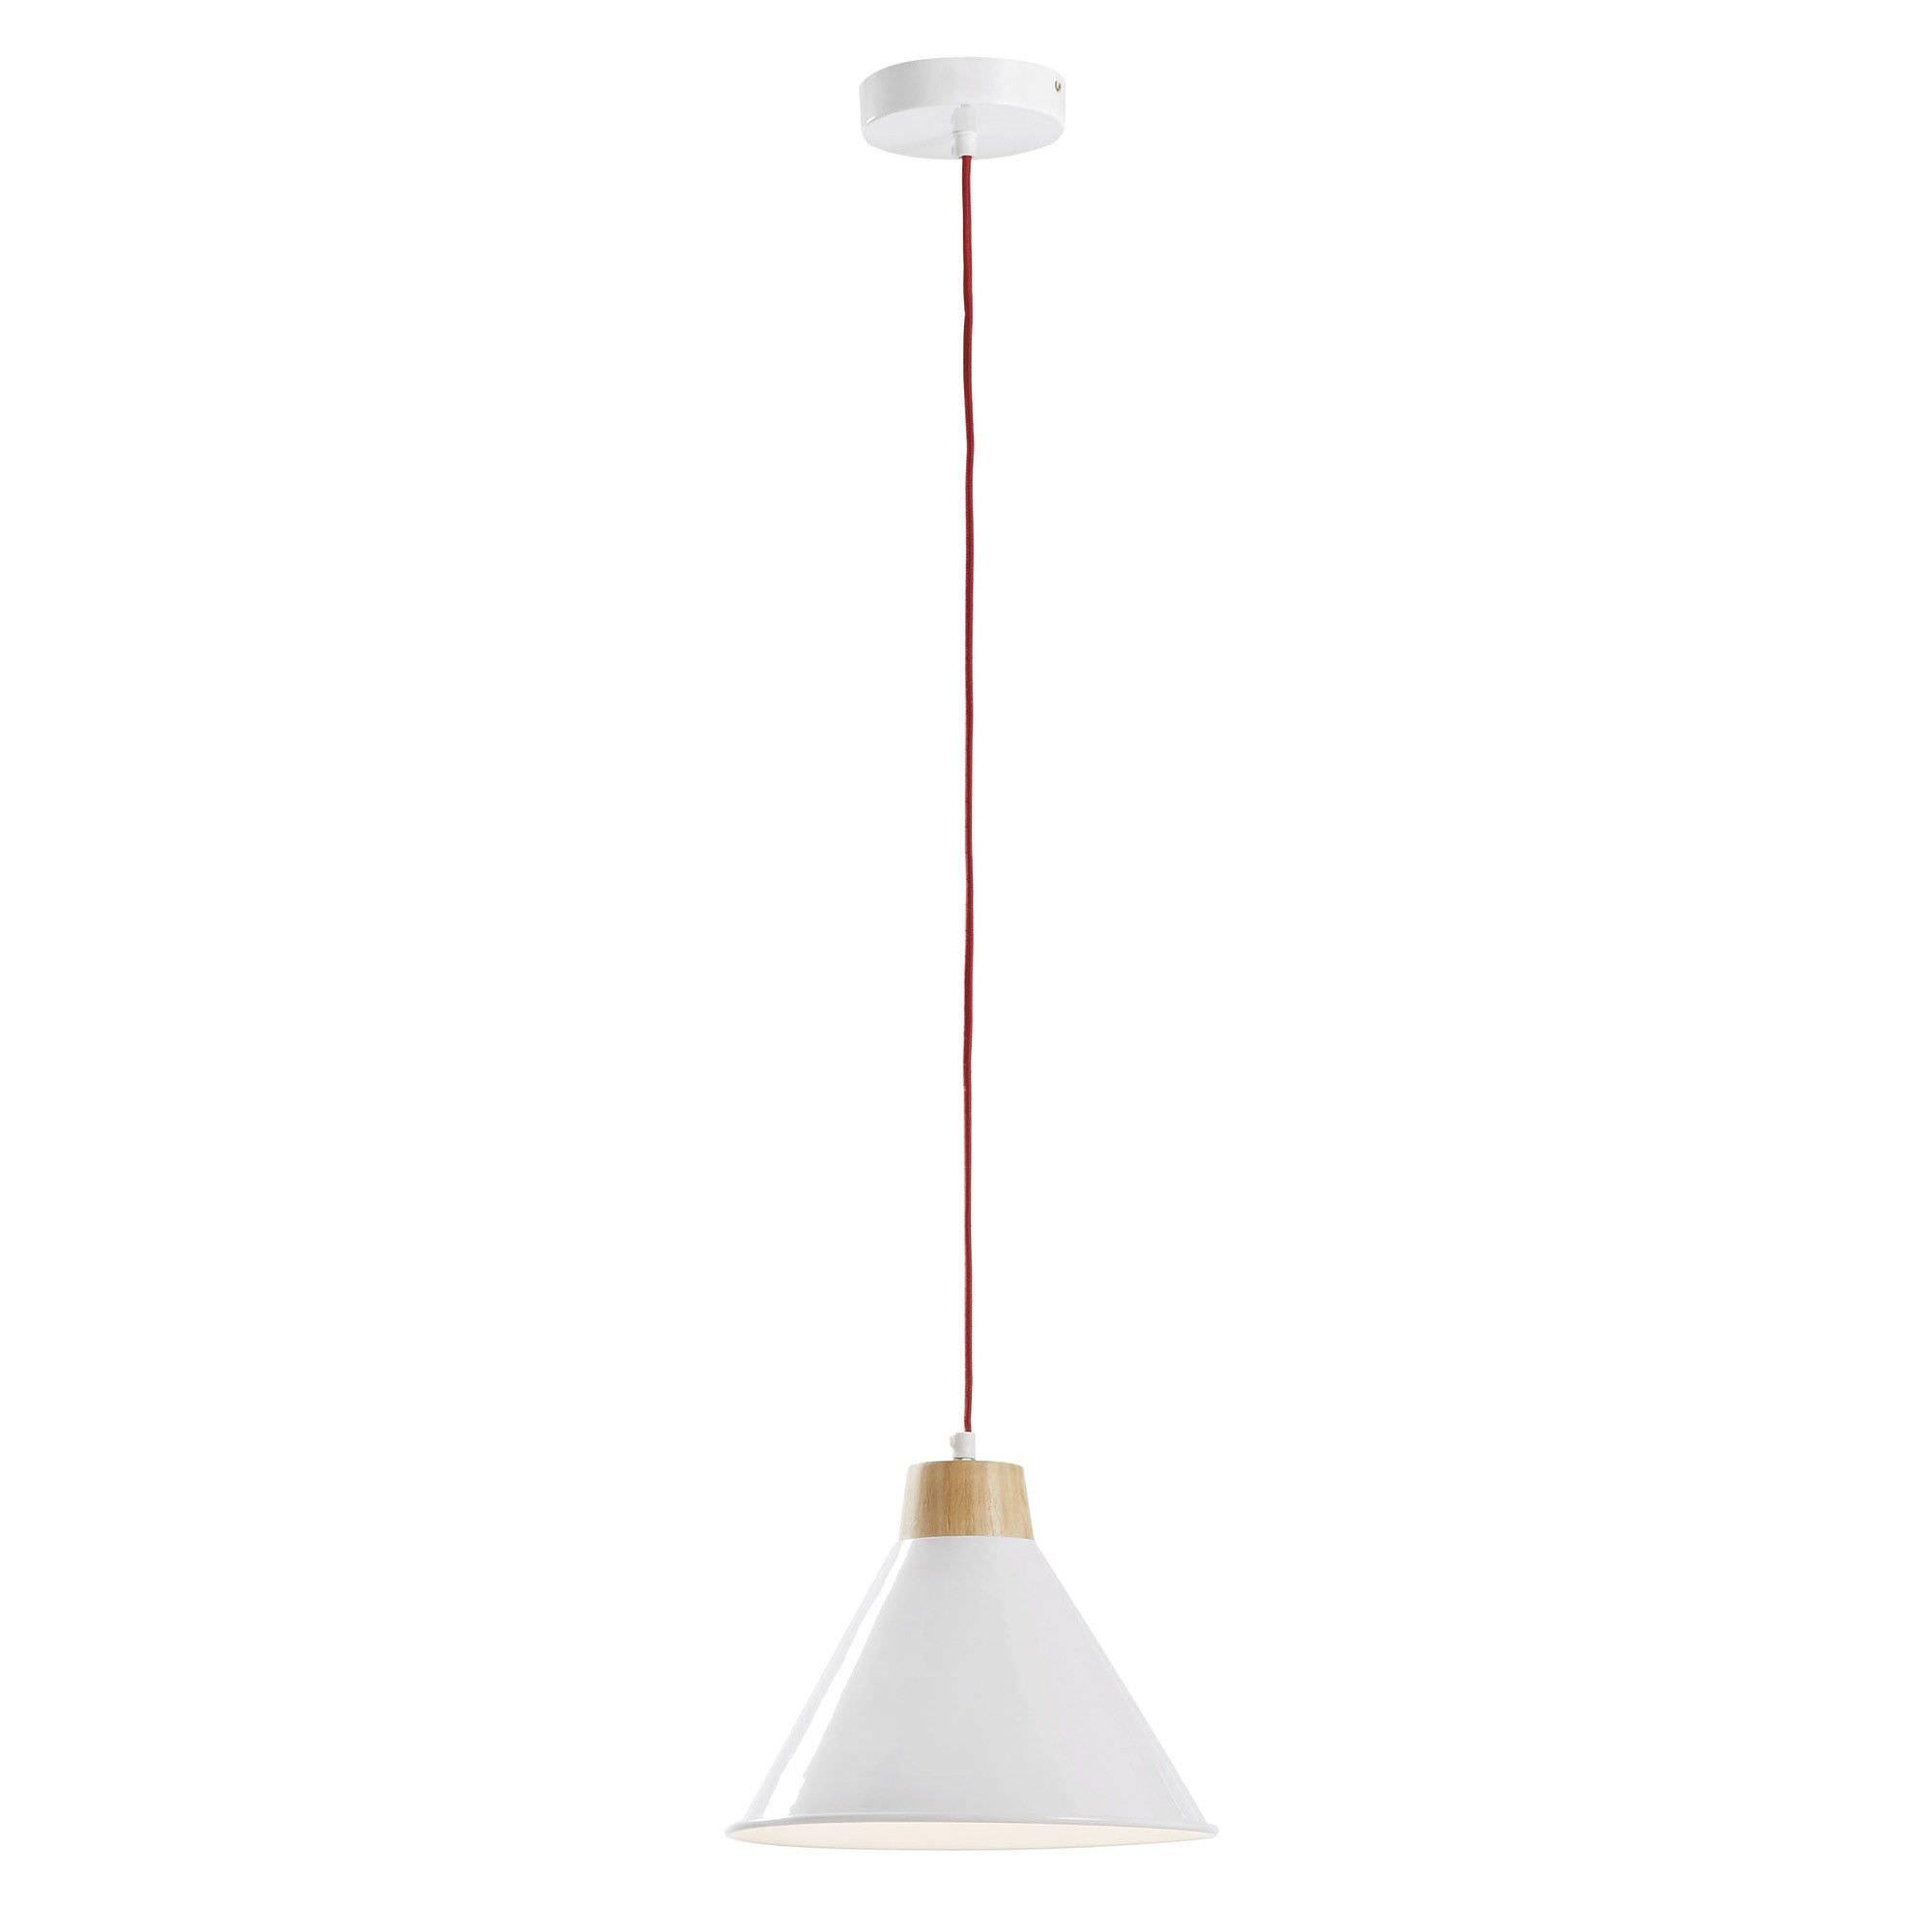 Bodi Steel Pendant Light, Cone Shade, White